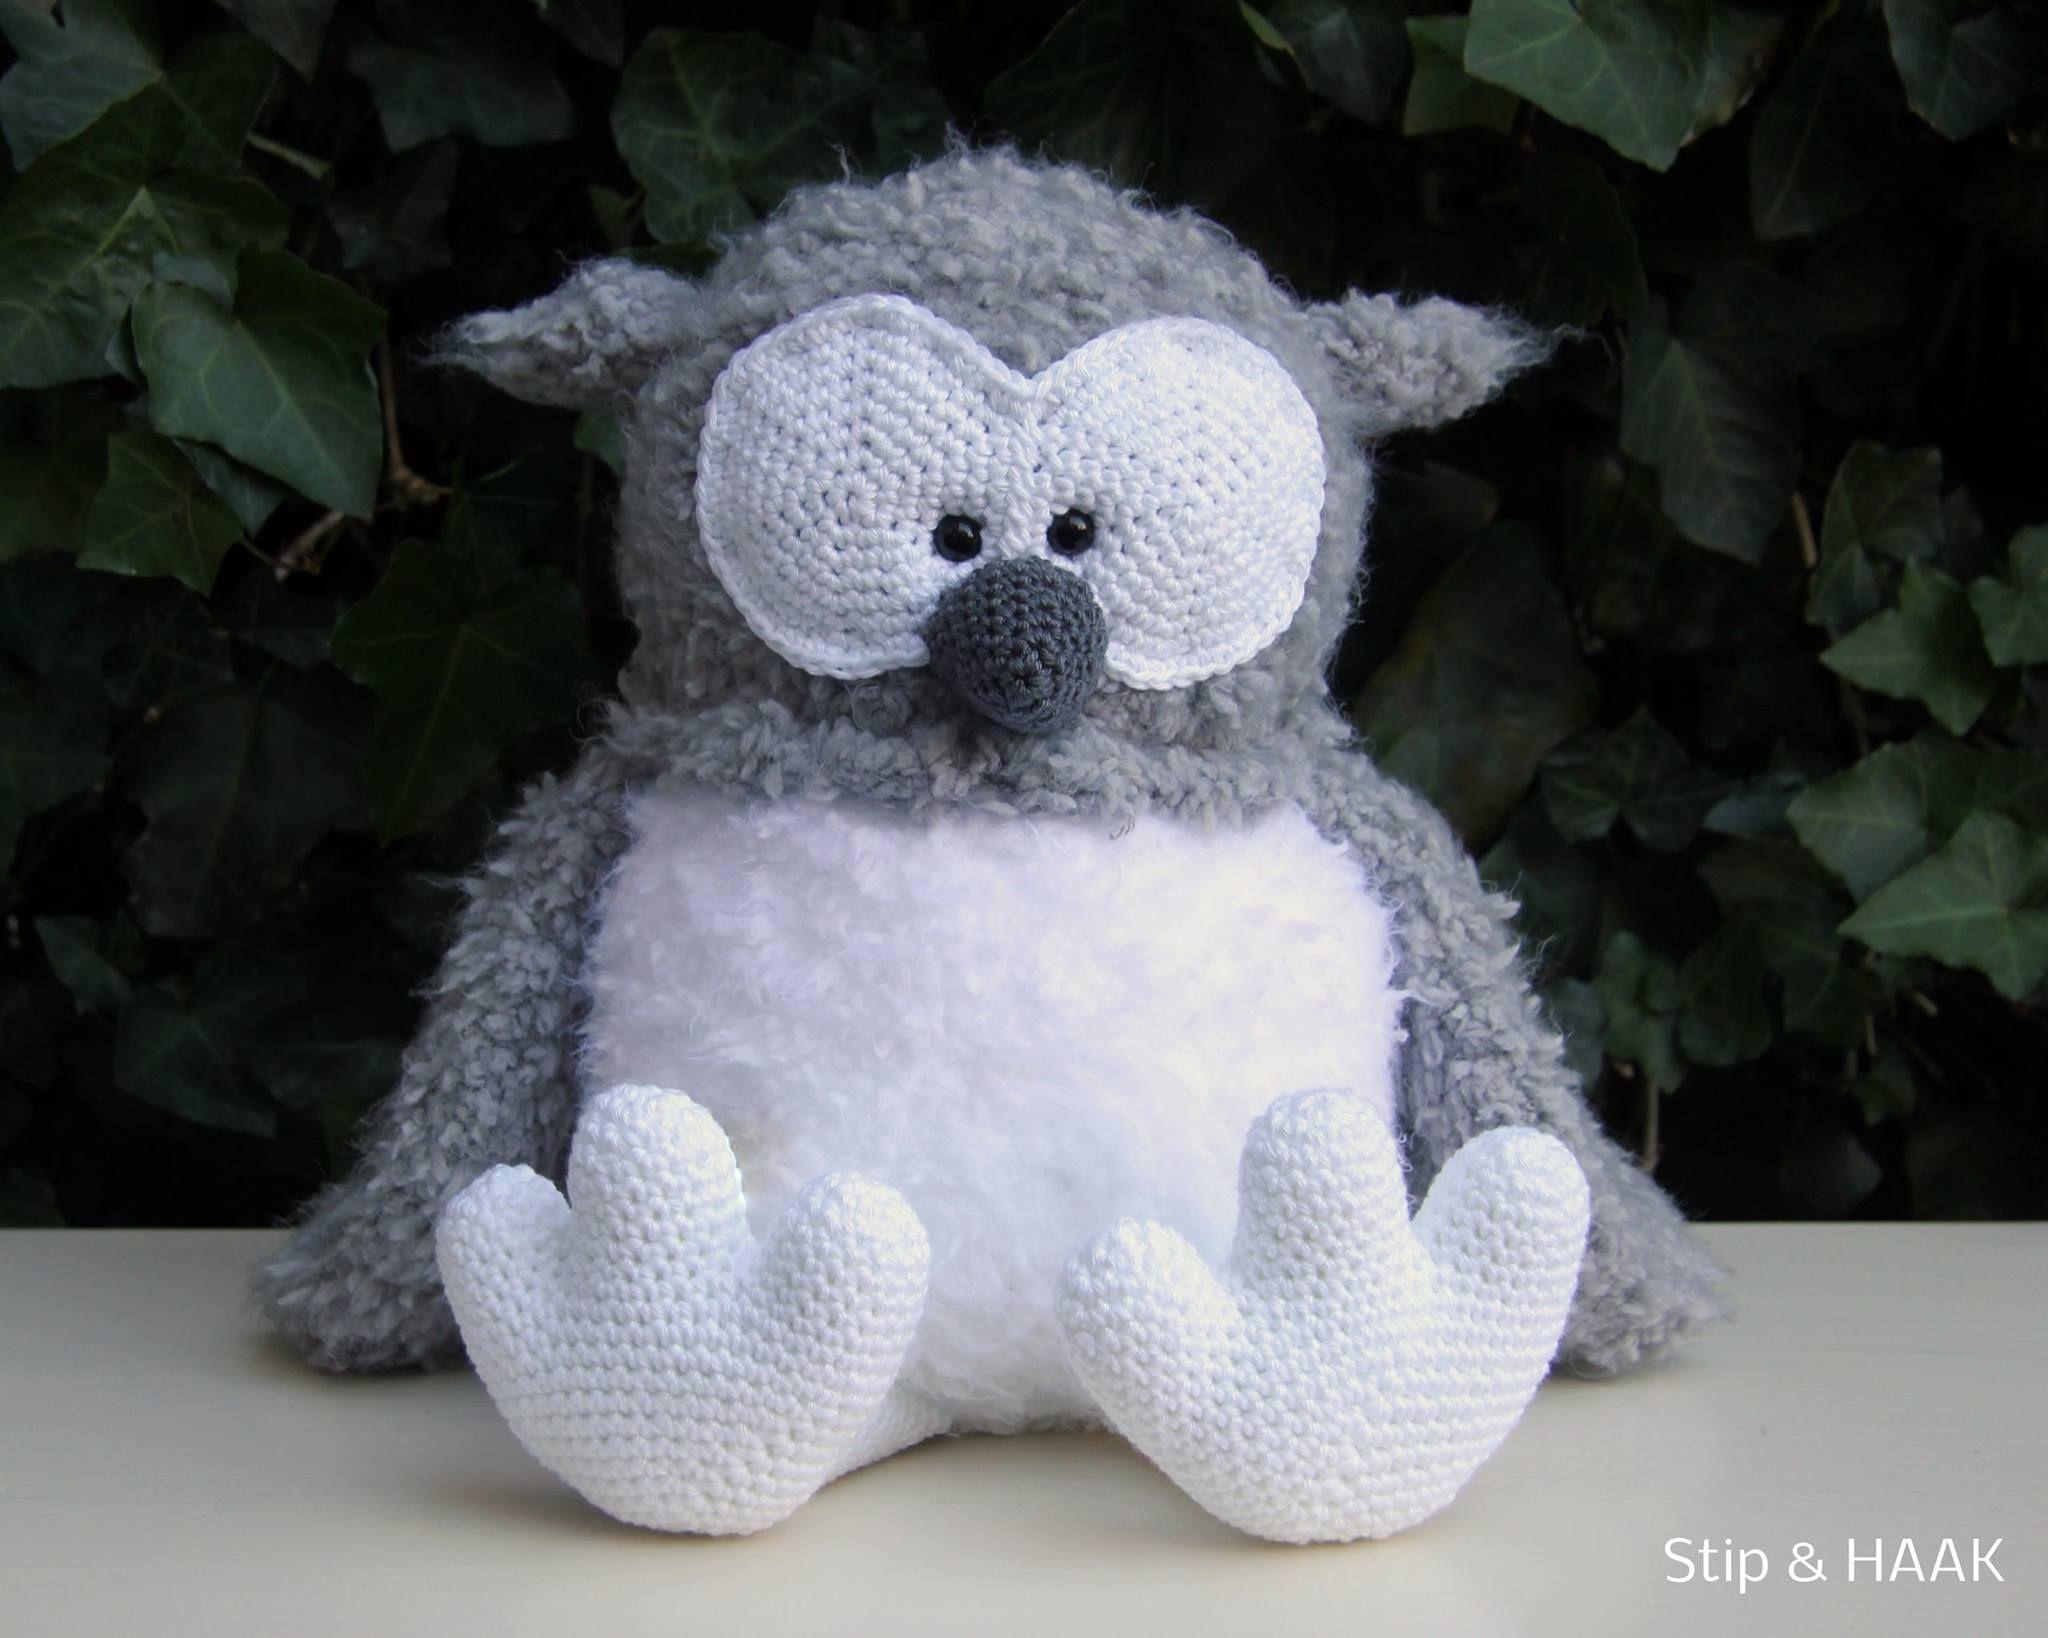 uil stip en haak | # Owls1 ✩ Eulen ✩ Gufi* | Pinterest